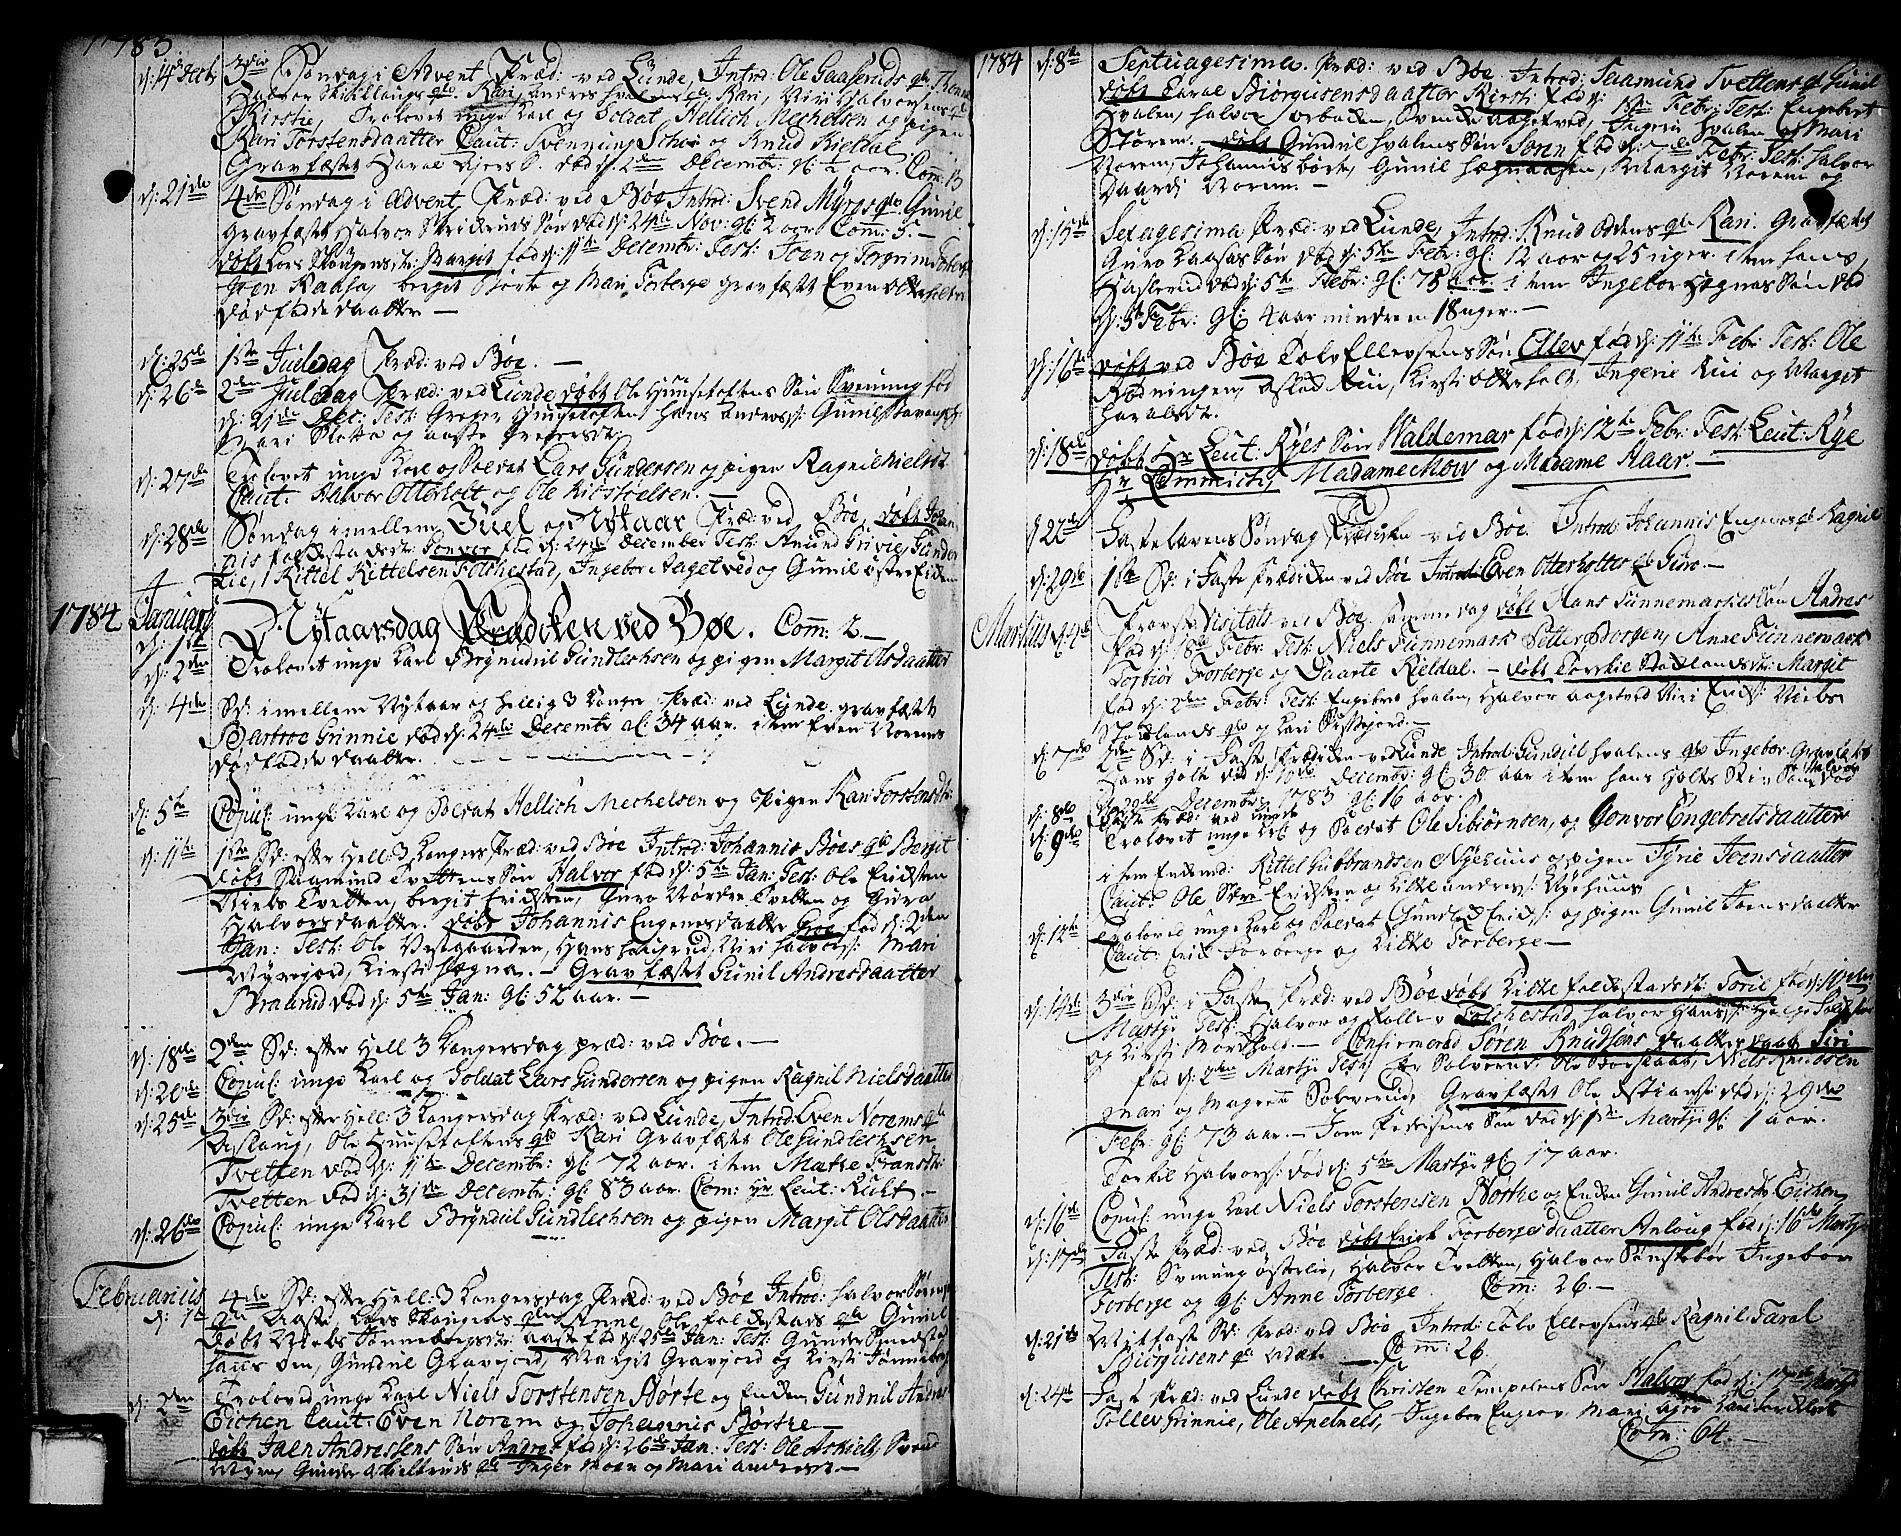 SAKO, Bø kirkebøker, F/Fa/L0004: Ministerialbok nr. 4, 1748-1785